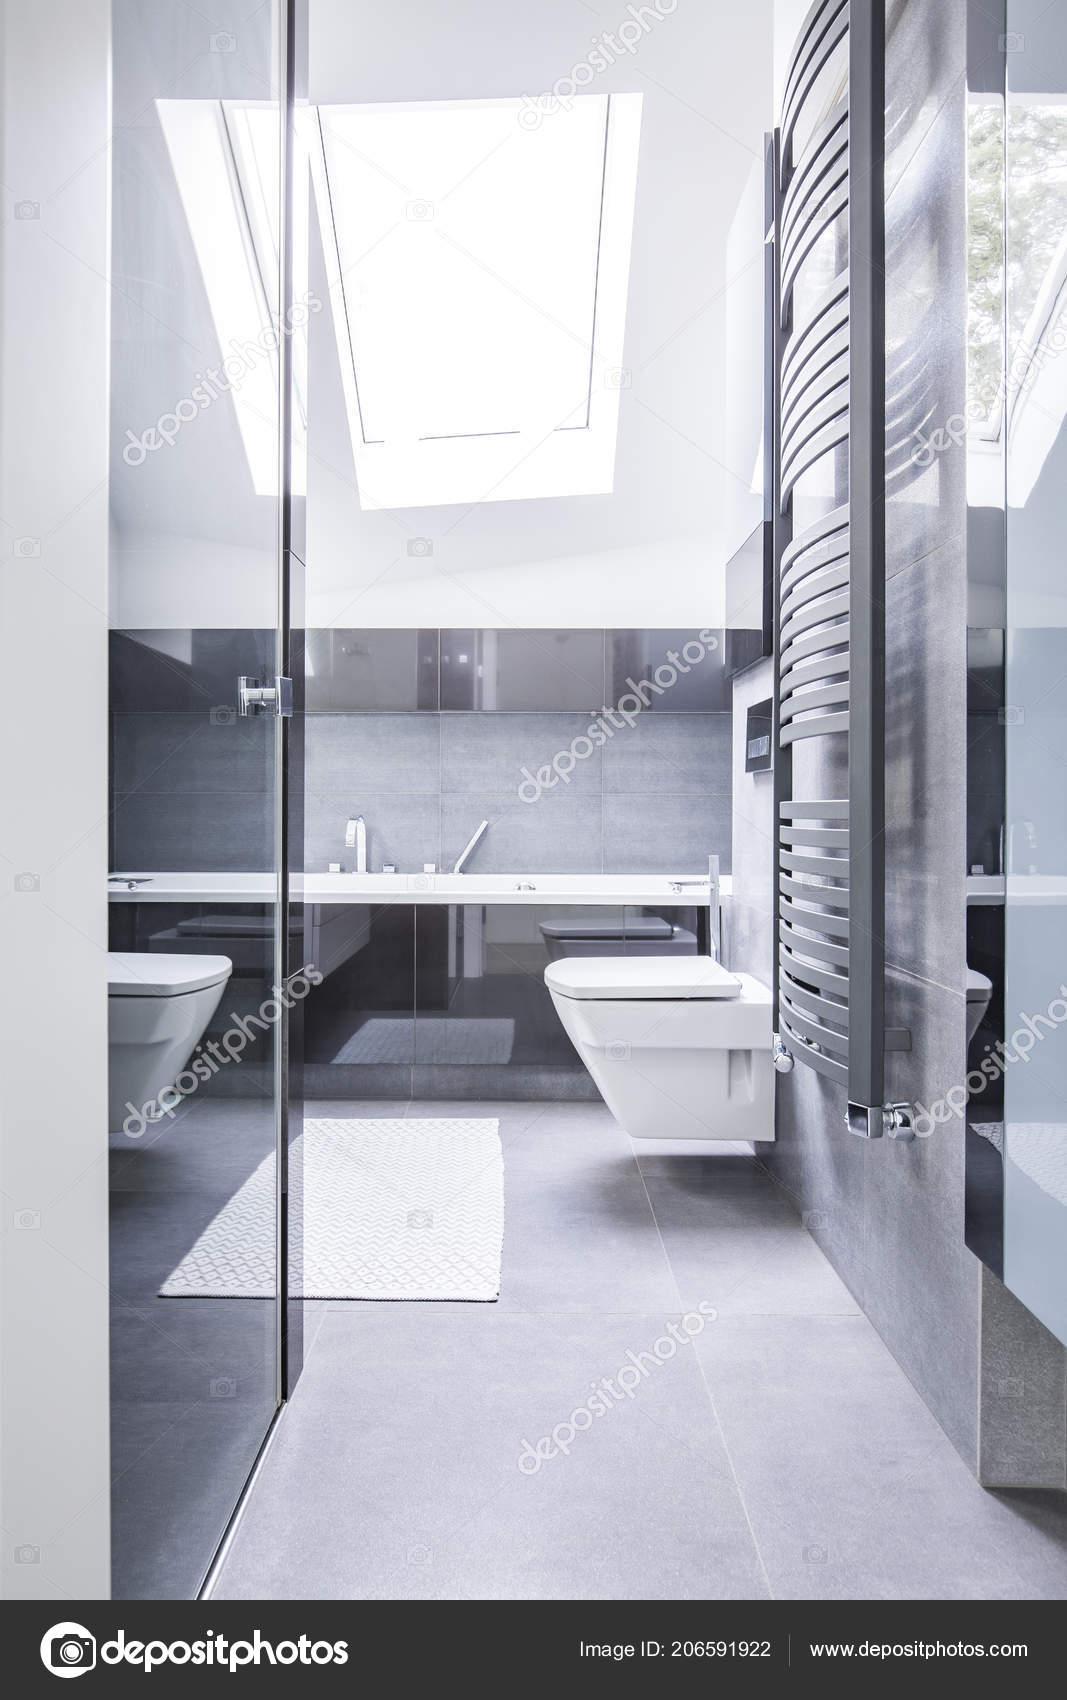 Schwarz Weiß Badezimmer Interieur Mit Reflektierenden Fliesen ...